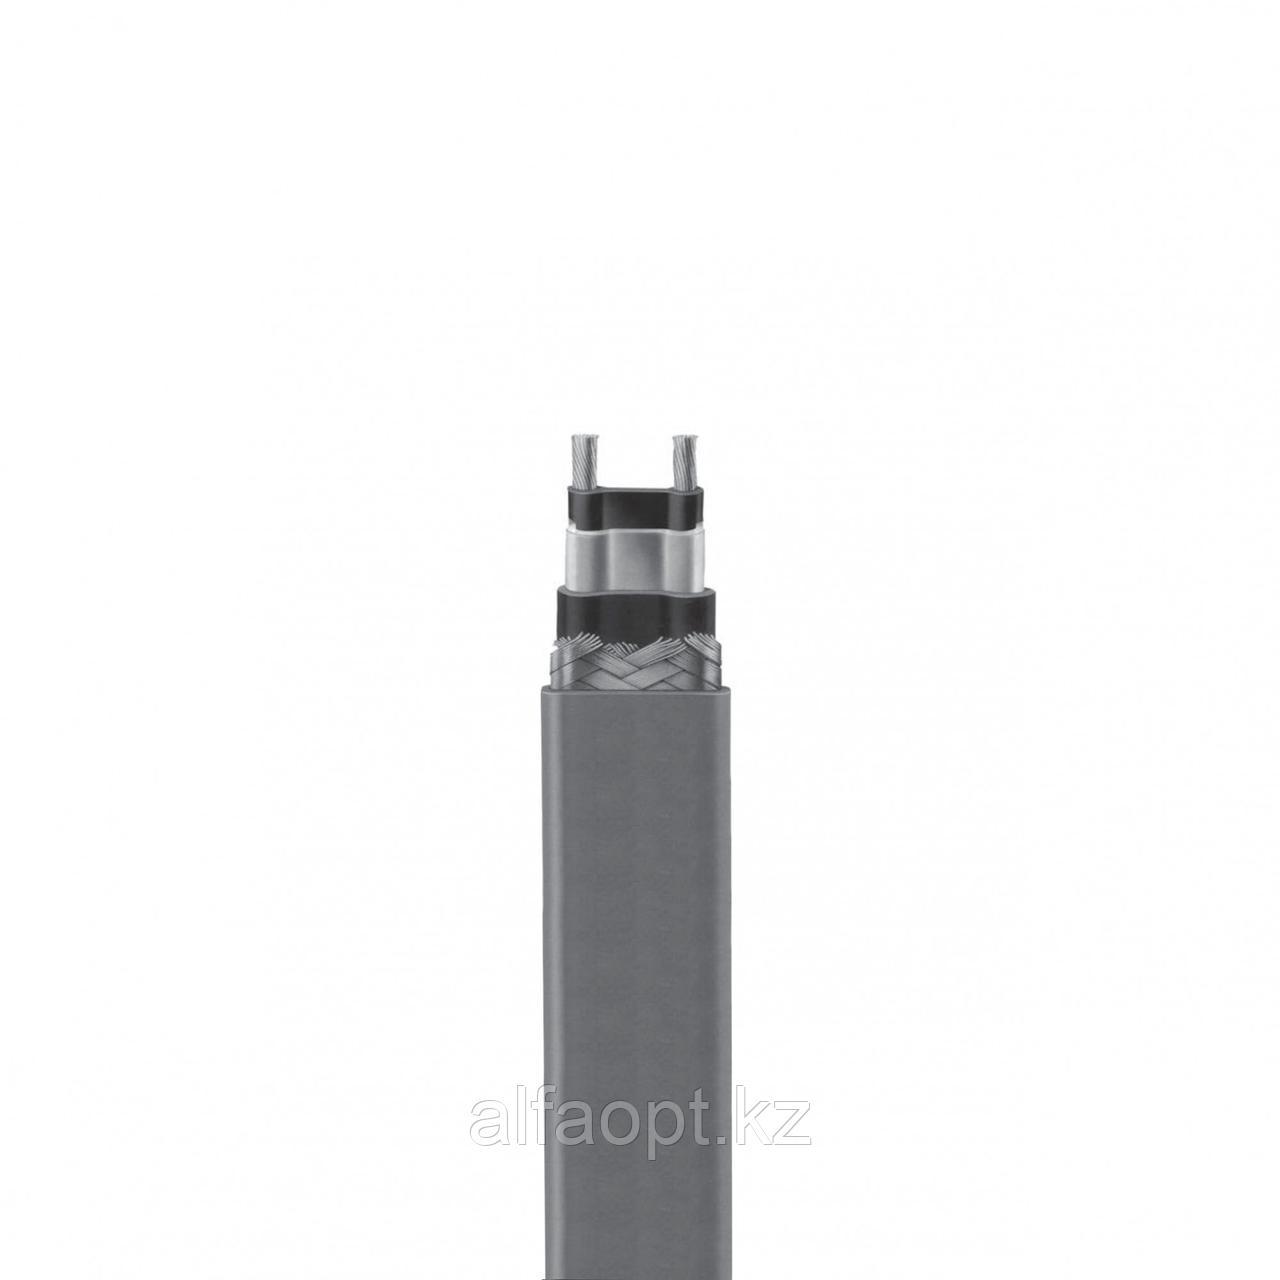 Саморегулирующийся нагревательный кабель NELSON CLTR-28 – JT